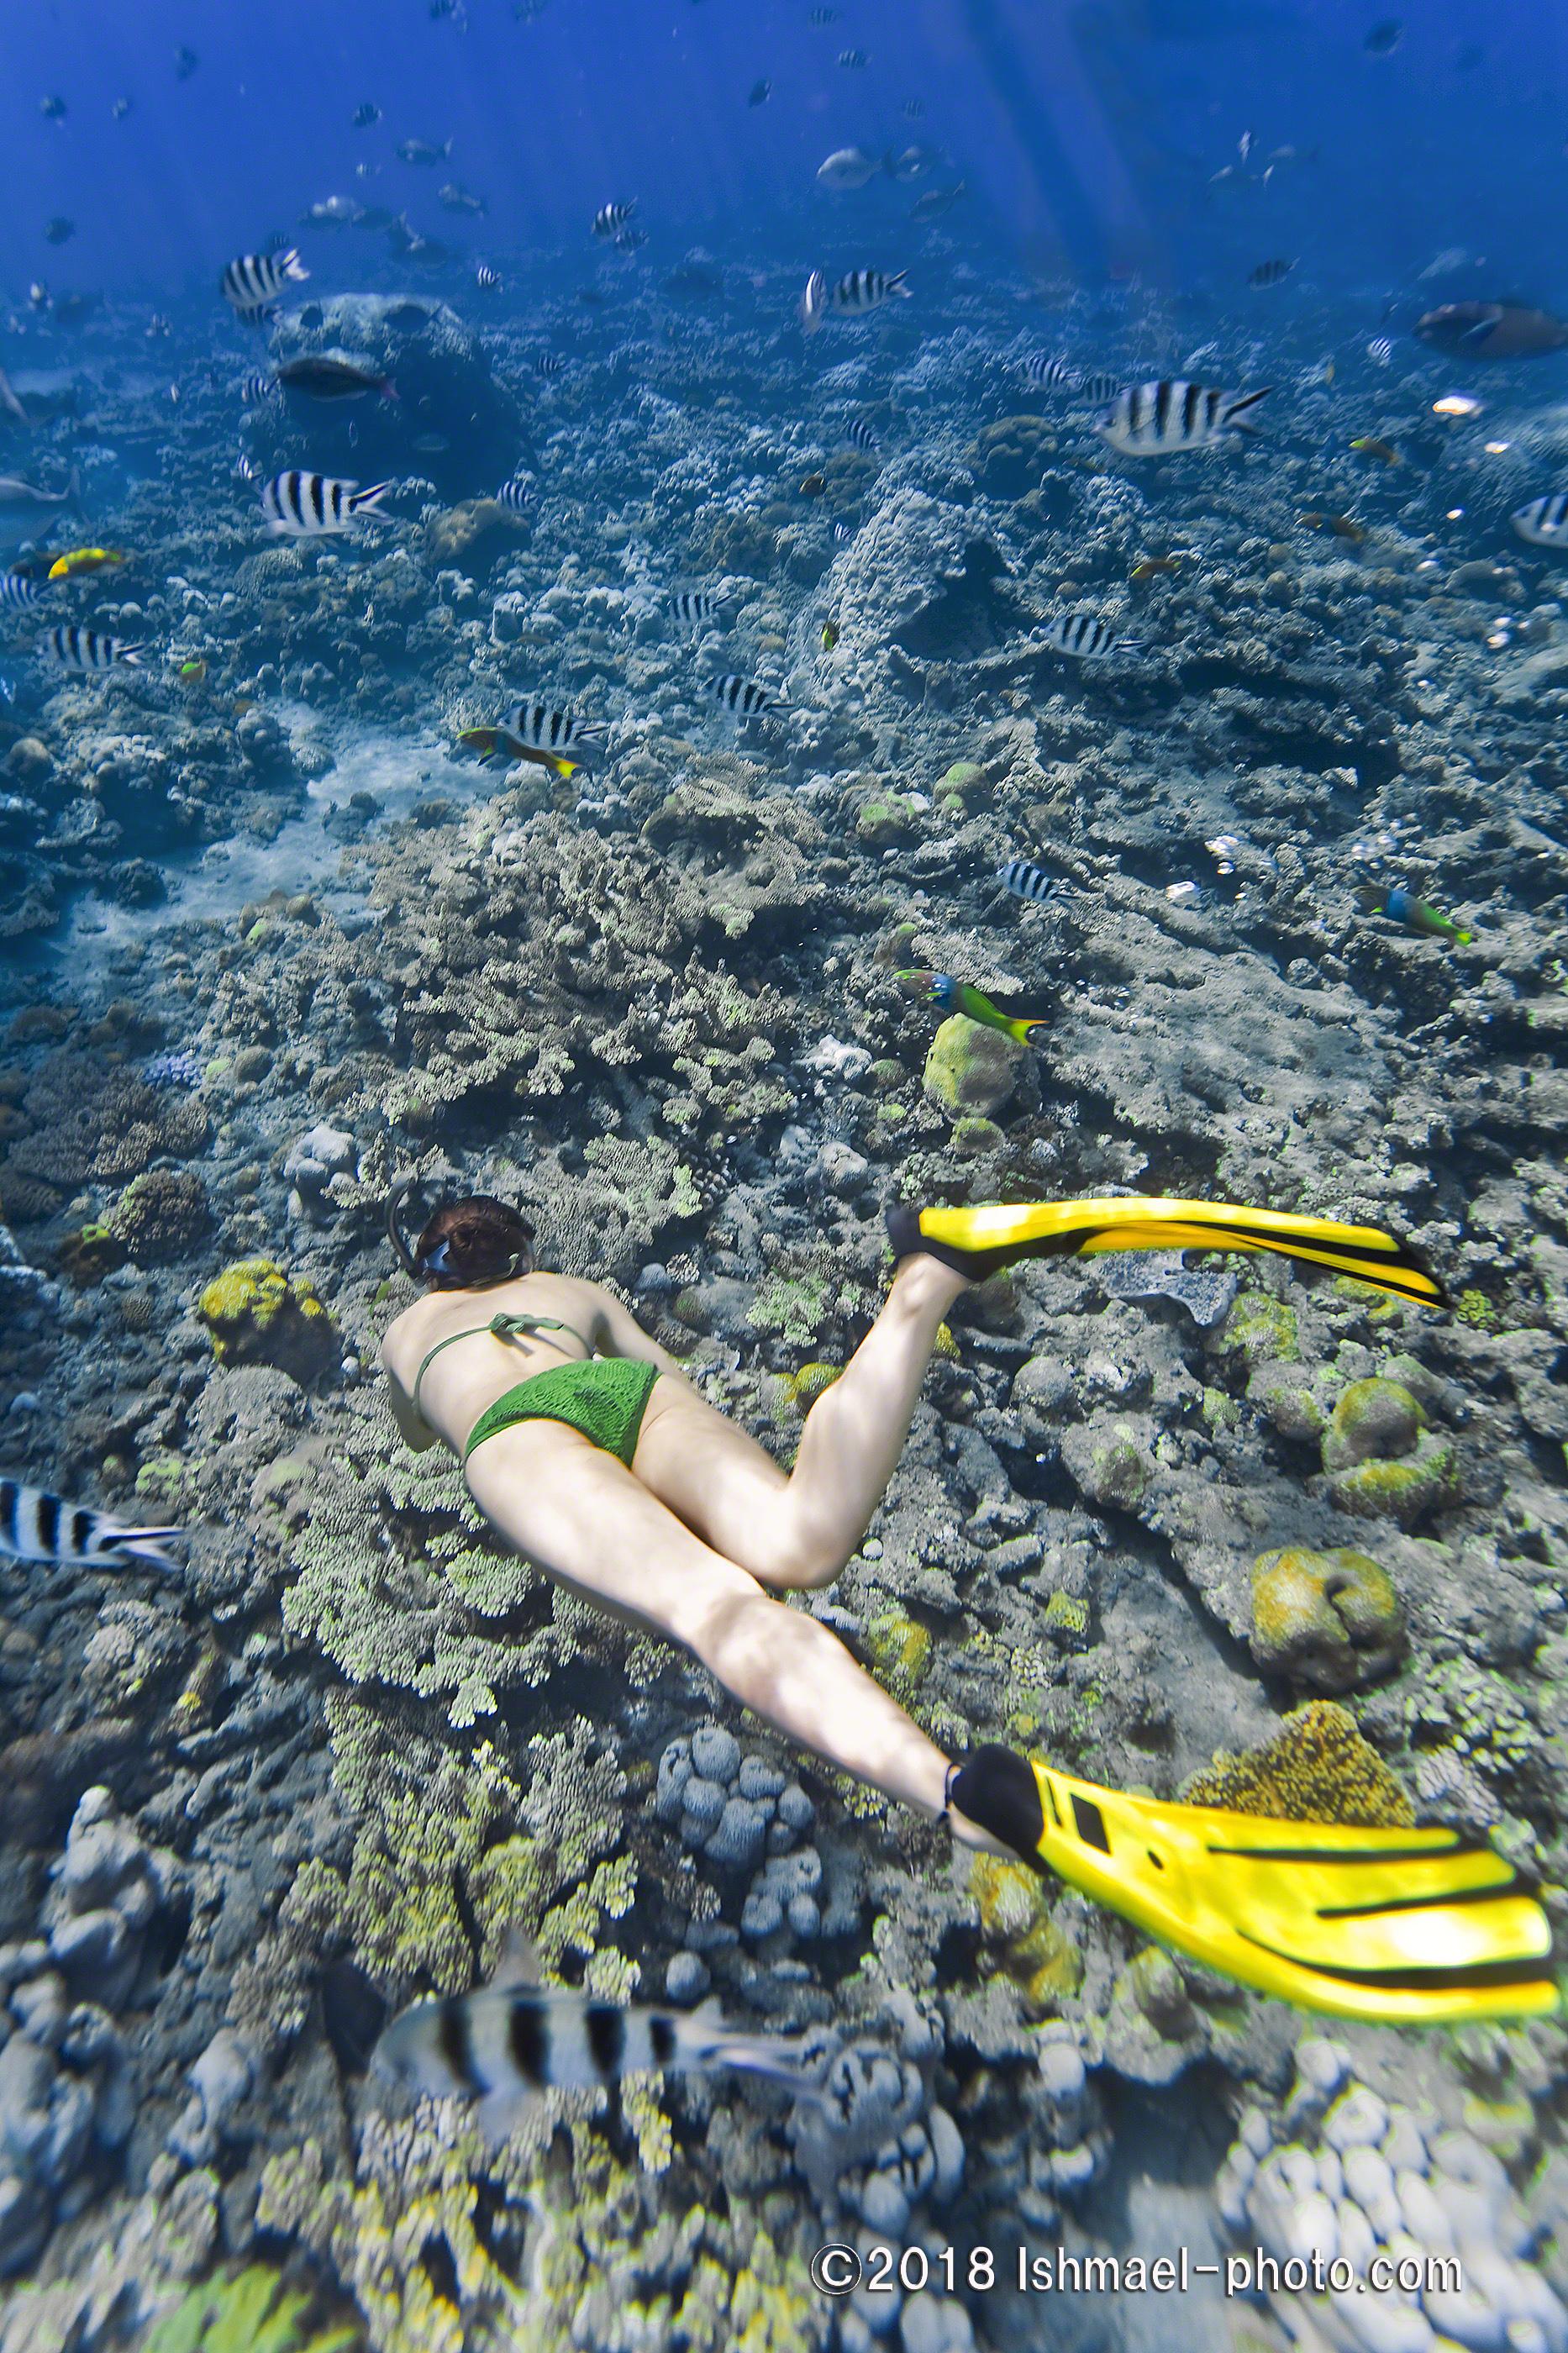 snorkeler